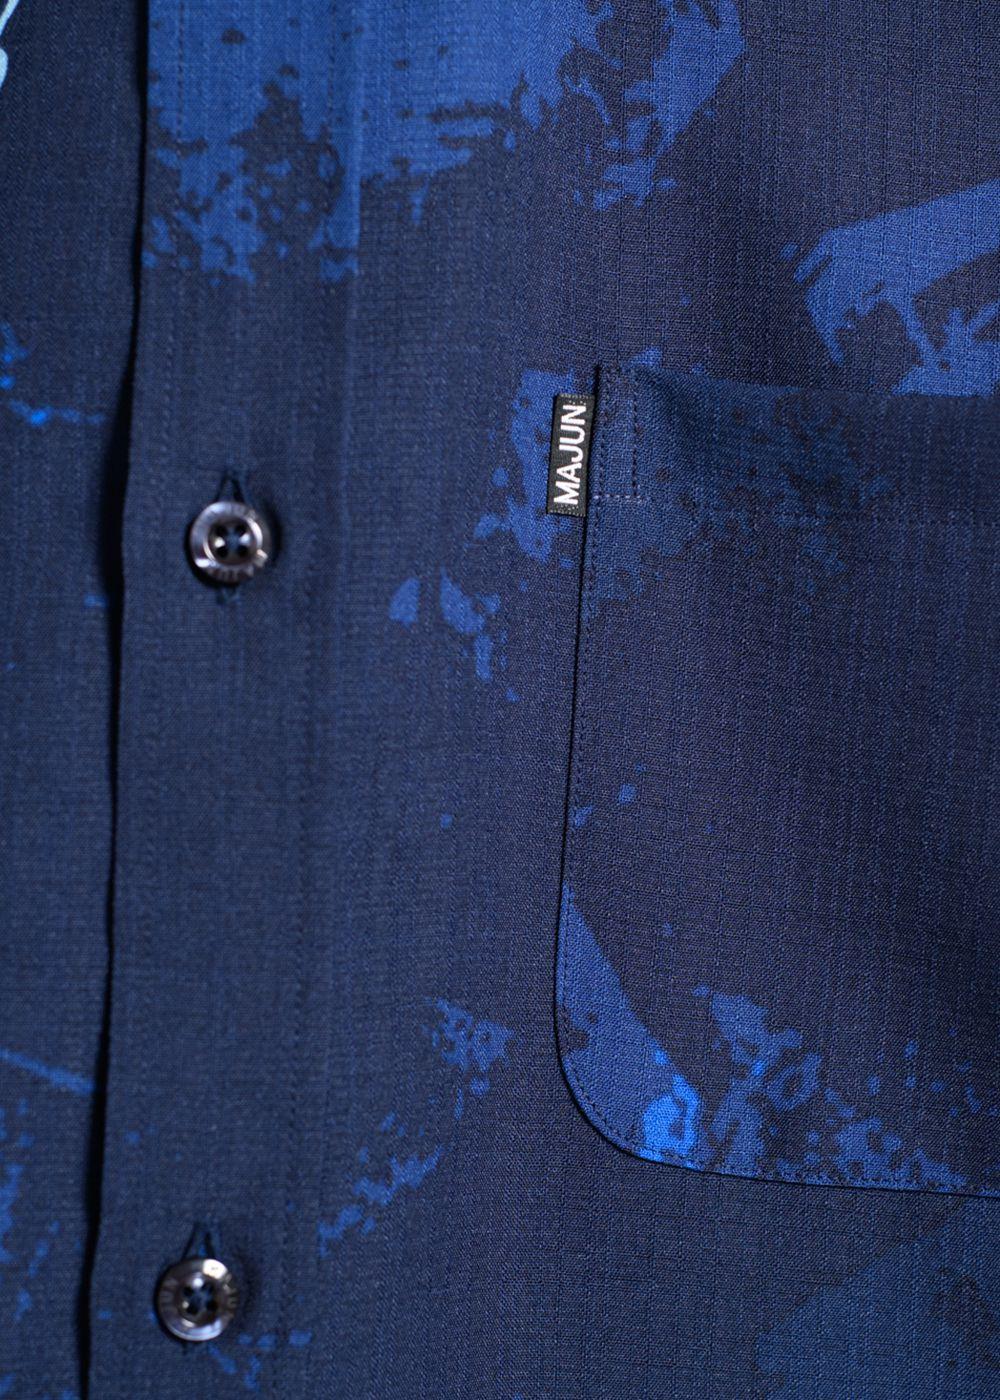 かりゆしウェア(沖縄版アロハシャツ) MAJUN - ブレイズウッド L/S